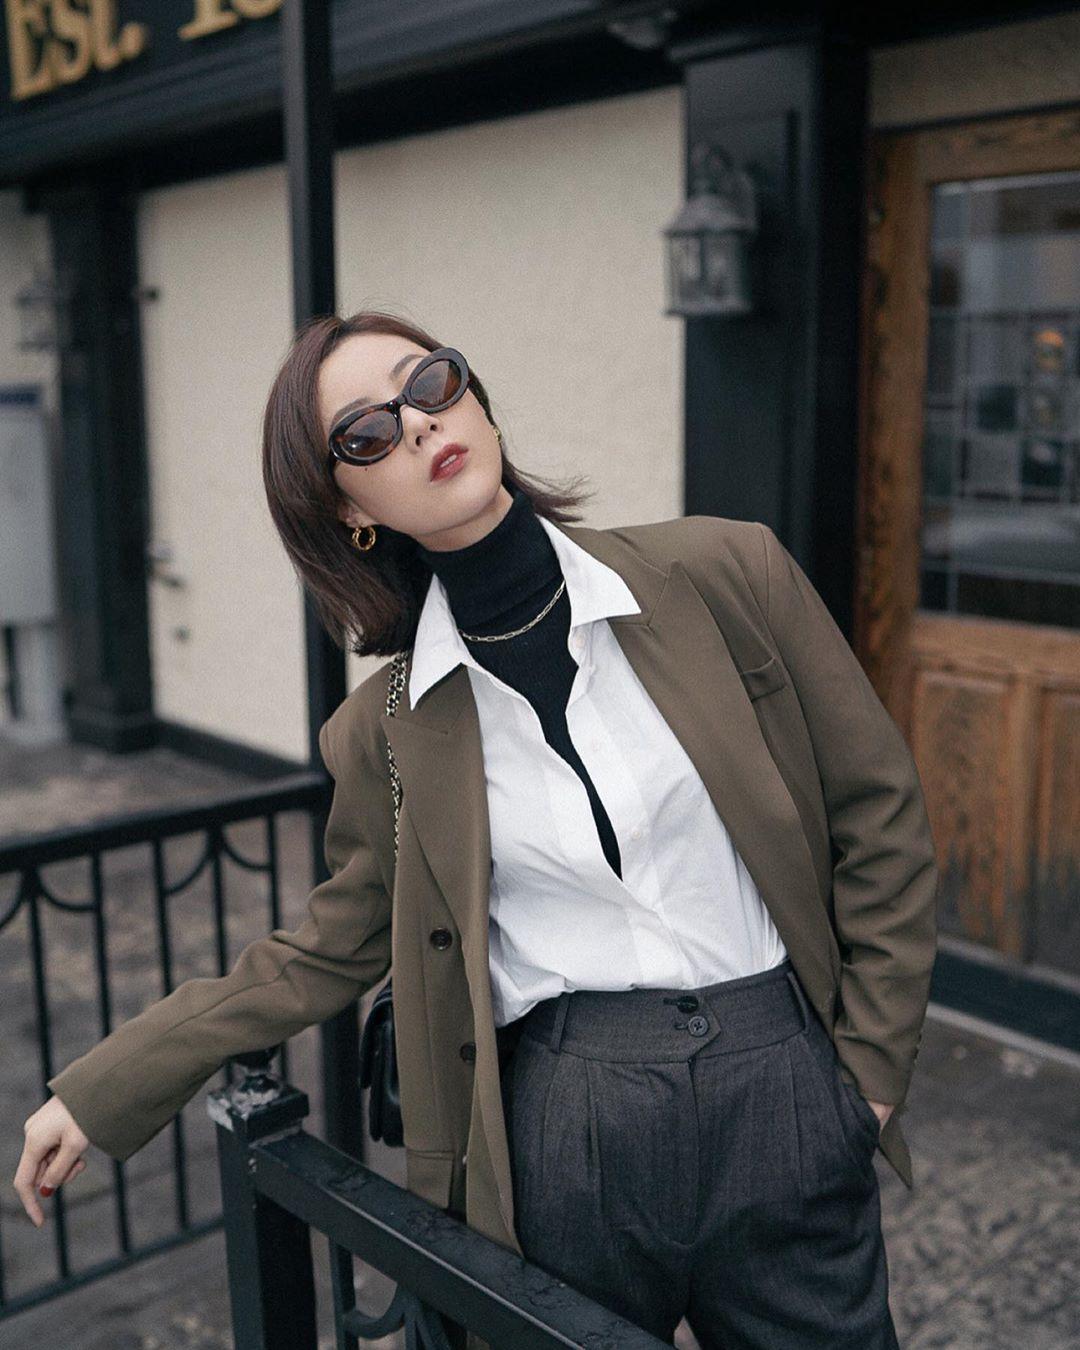 cô gái phối đồ layer 3 lớp áo blazer nâu sơ mi trắng và áo cổ lọ